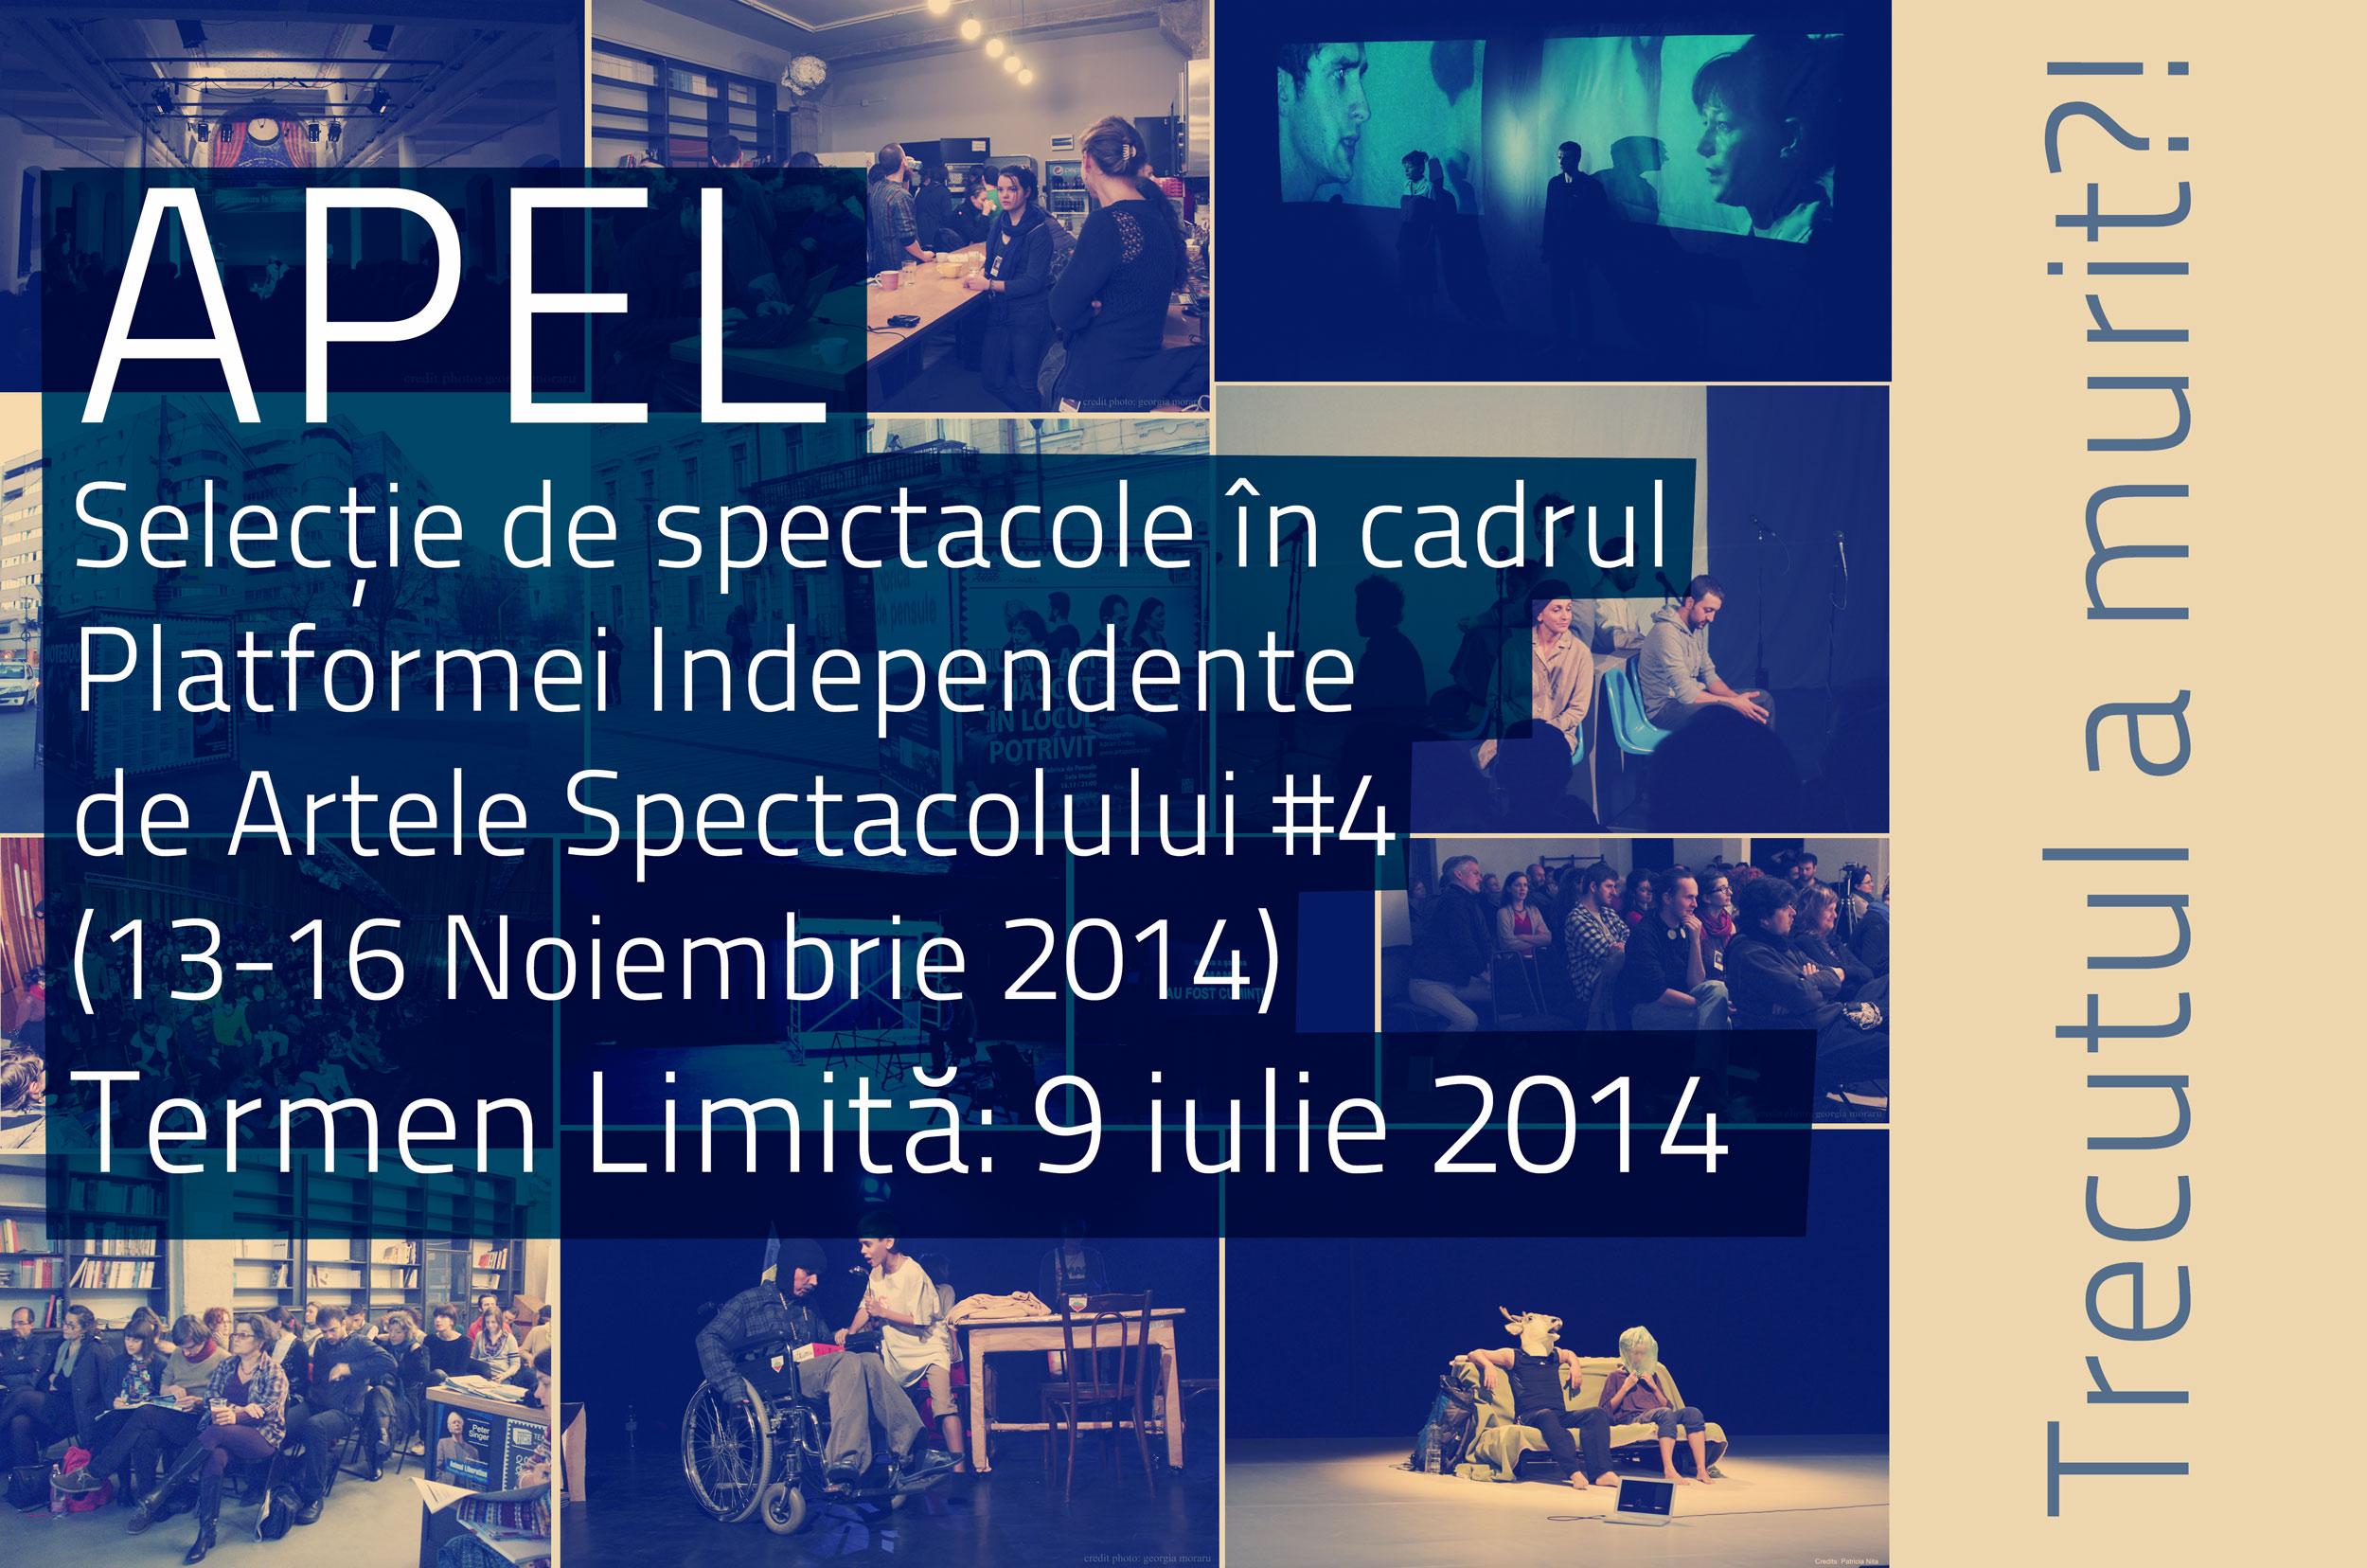 Selecţie de spectacole în cadrul Platformei Independente de Artele Spectacolului #4 by Asociația Colectiv A si CNDB